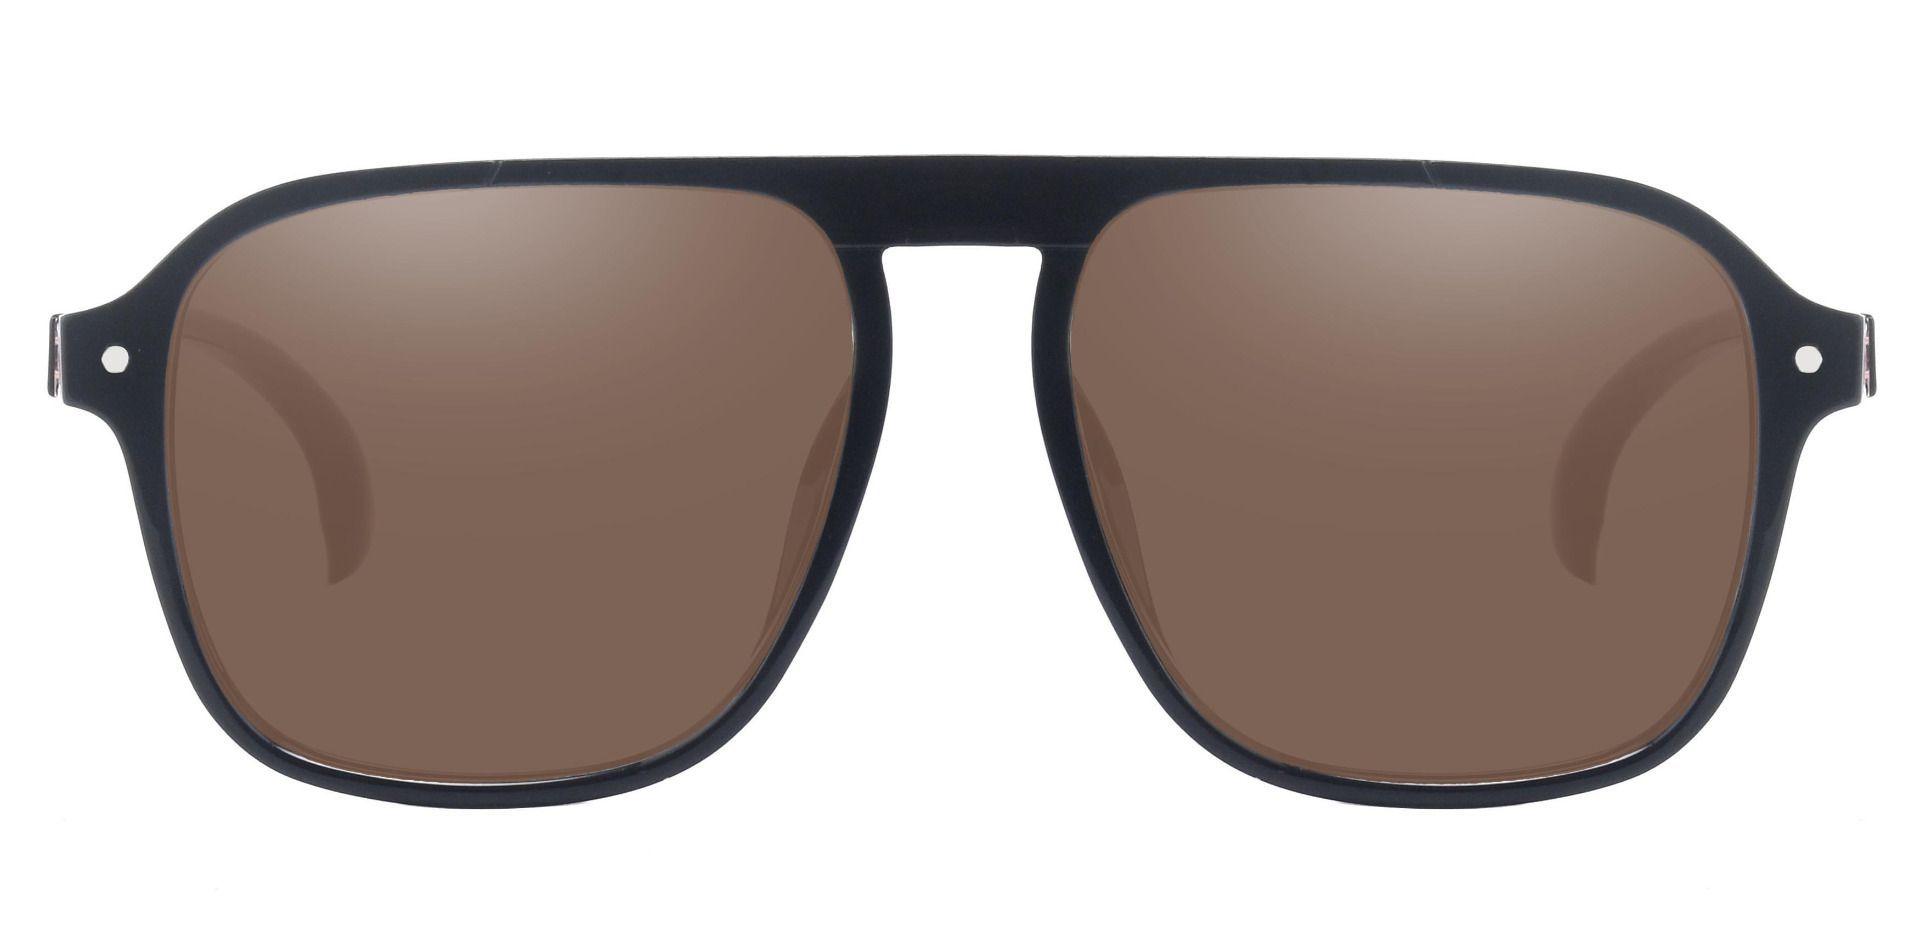 Gideon Aviator Reading Sunglasses - Black Frame With Brown Lenses